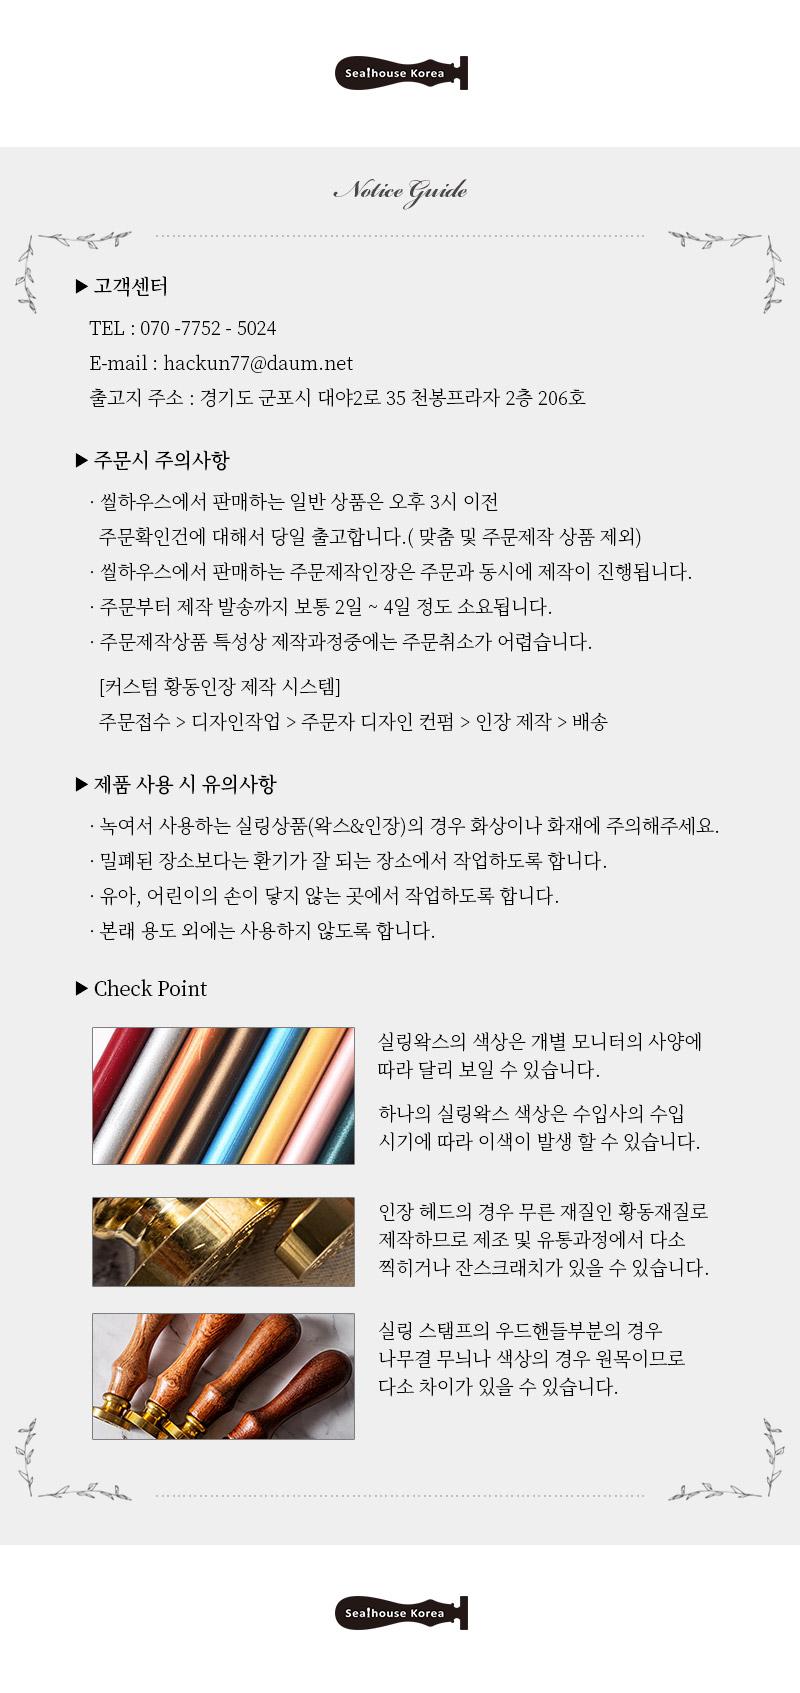 실링왁스 글루건 11mm 씰하우스 - 씰하우스, 2,900원, 스탬프, 씰링/잉크